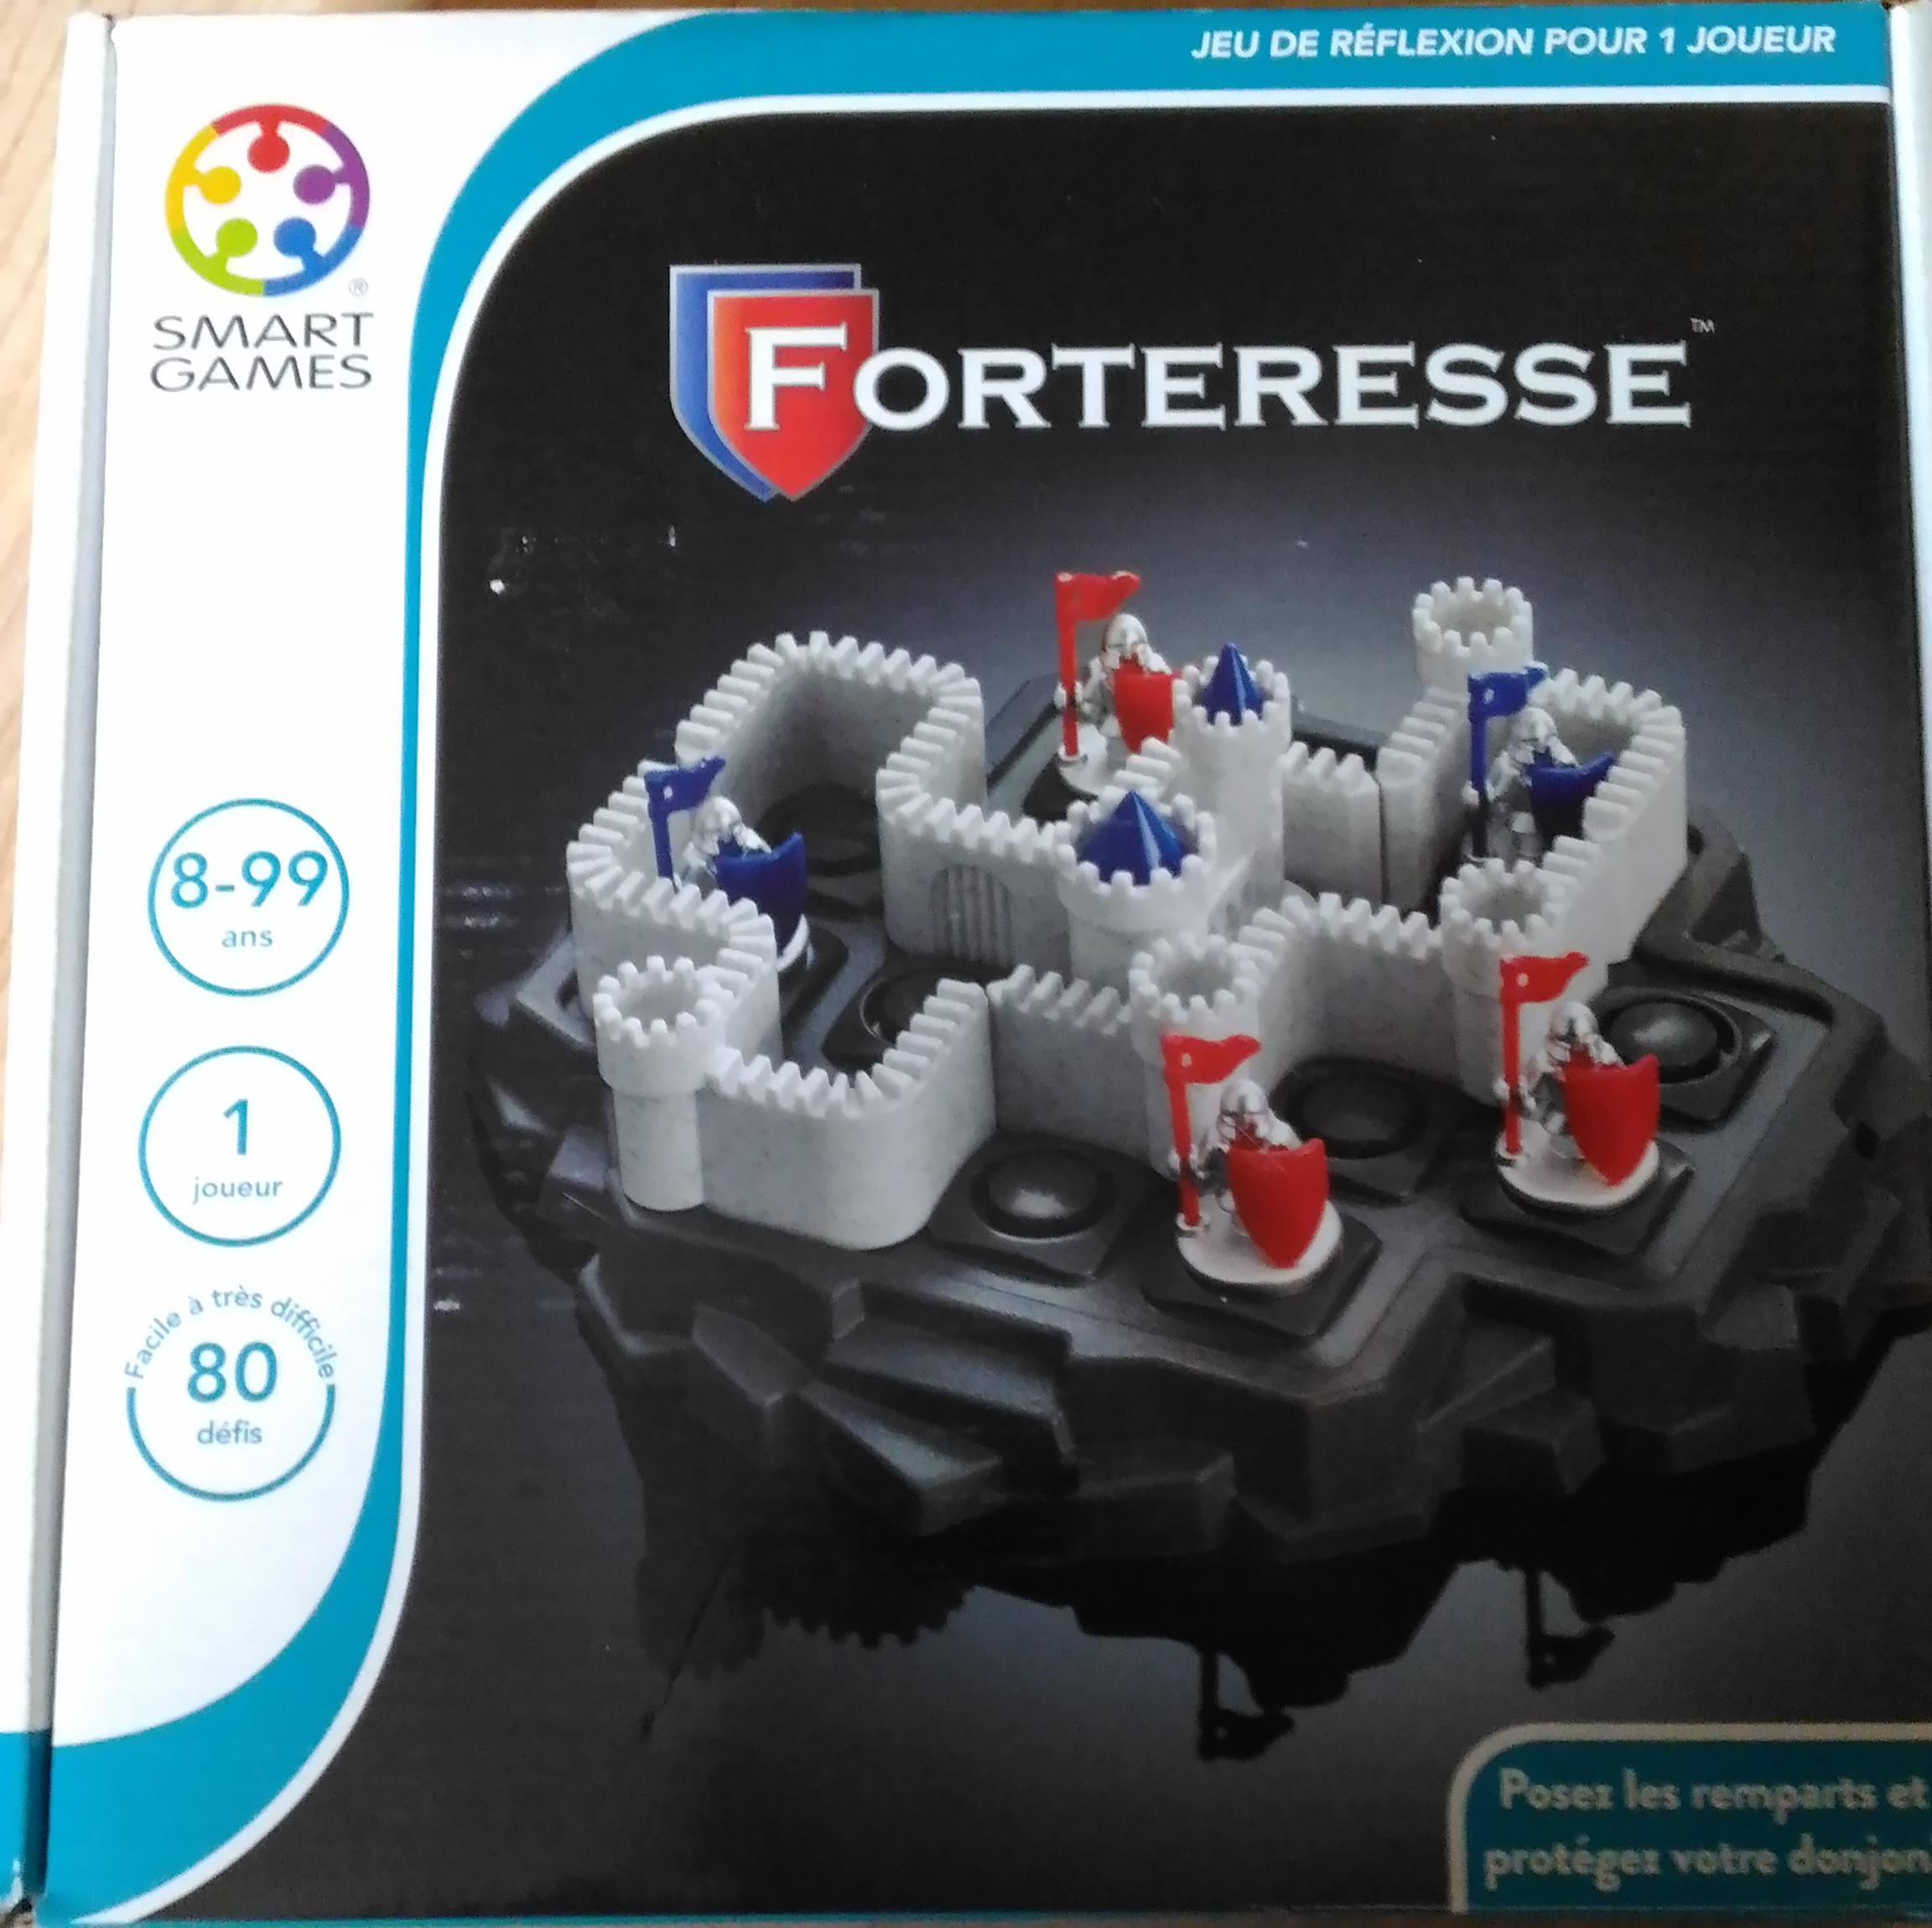 acheter forteresse d 39 occasion sur okkazeo petites annonces de jeux de soci t. Black Bedroom Furniture Sets. Home Design Ideas